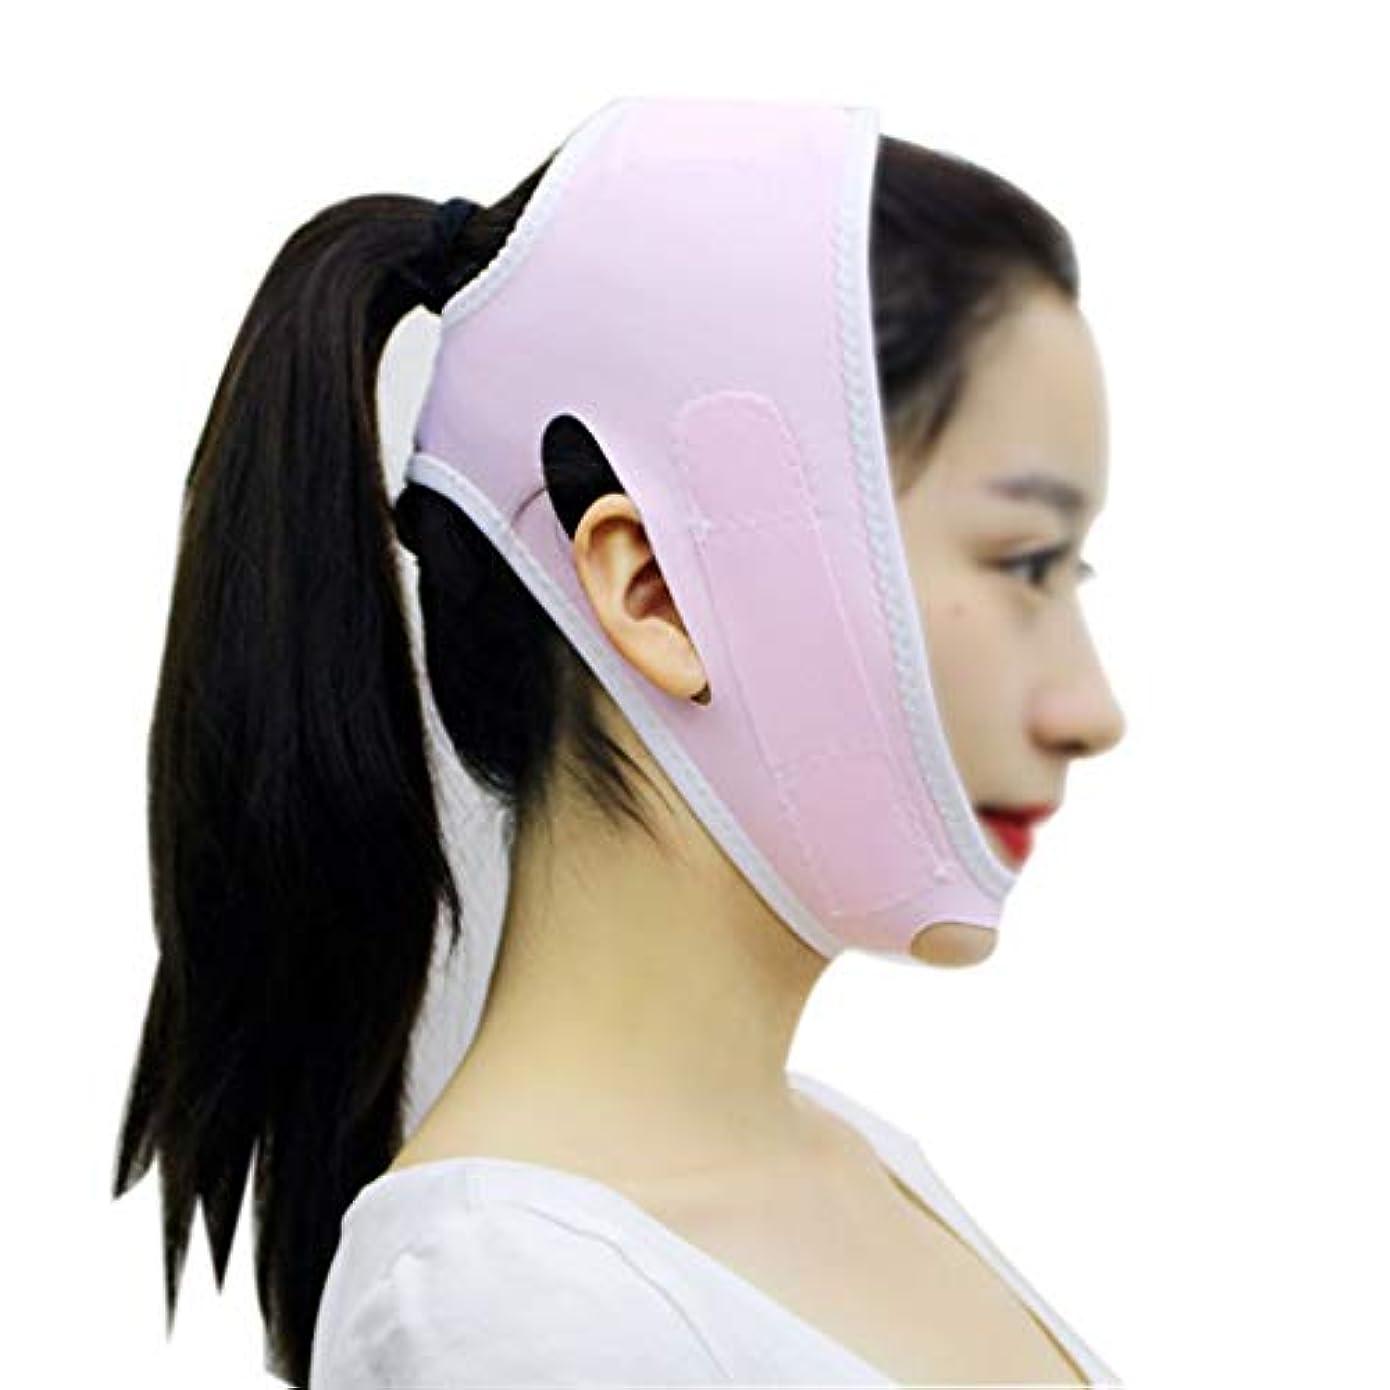 感謝するソフィー調和のとれたGLJJQMY 引き締め肌の薄い二重あごマスクを強化するためのフェイスリフティング包帯回復マスク 顔用整形マスク (Color : Pink)